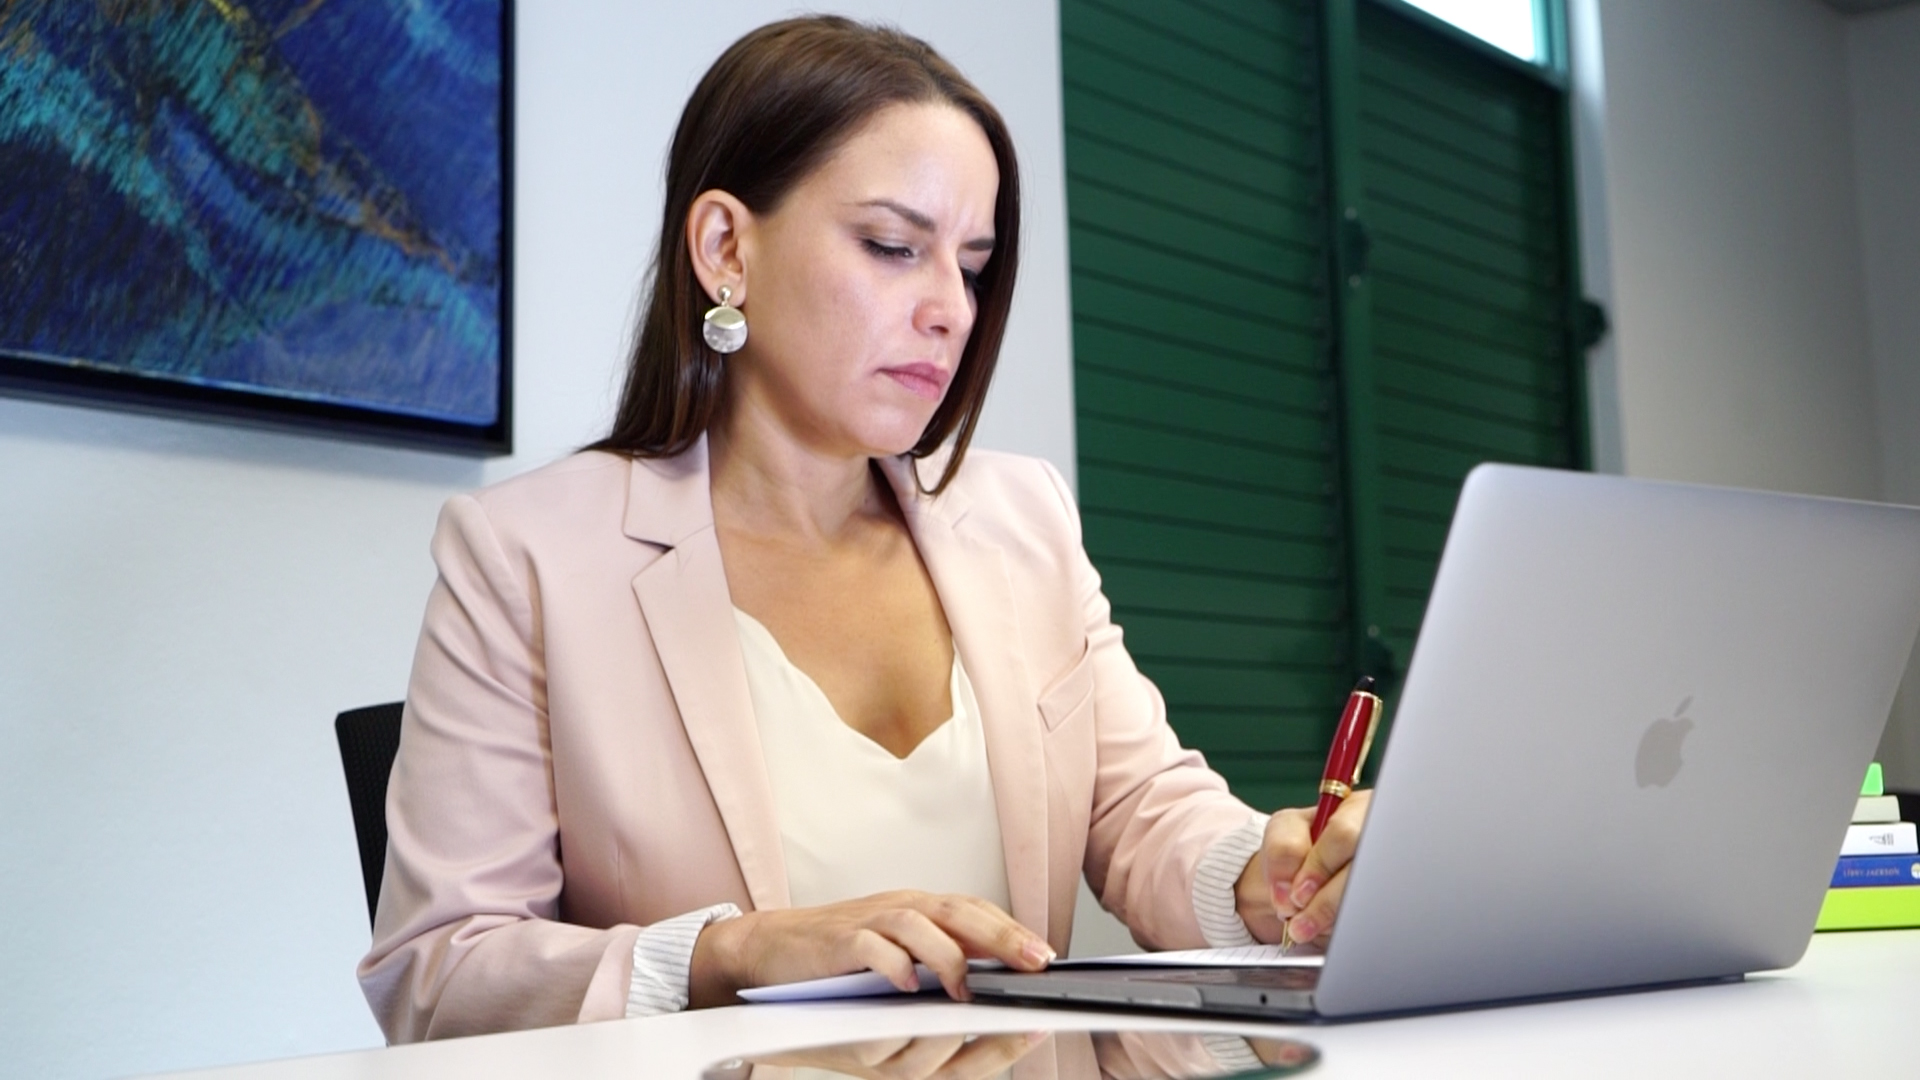 Greetchen Díaz: Científica boricua creando oportunidades para mujeres en la ciencia